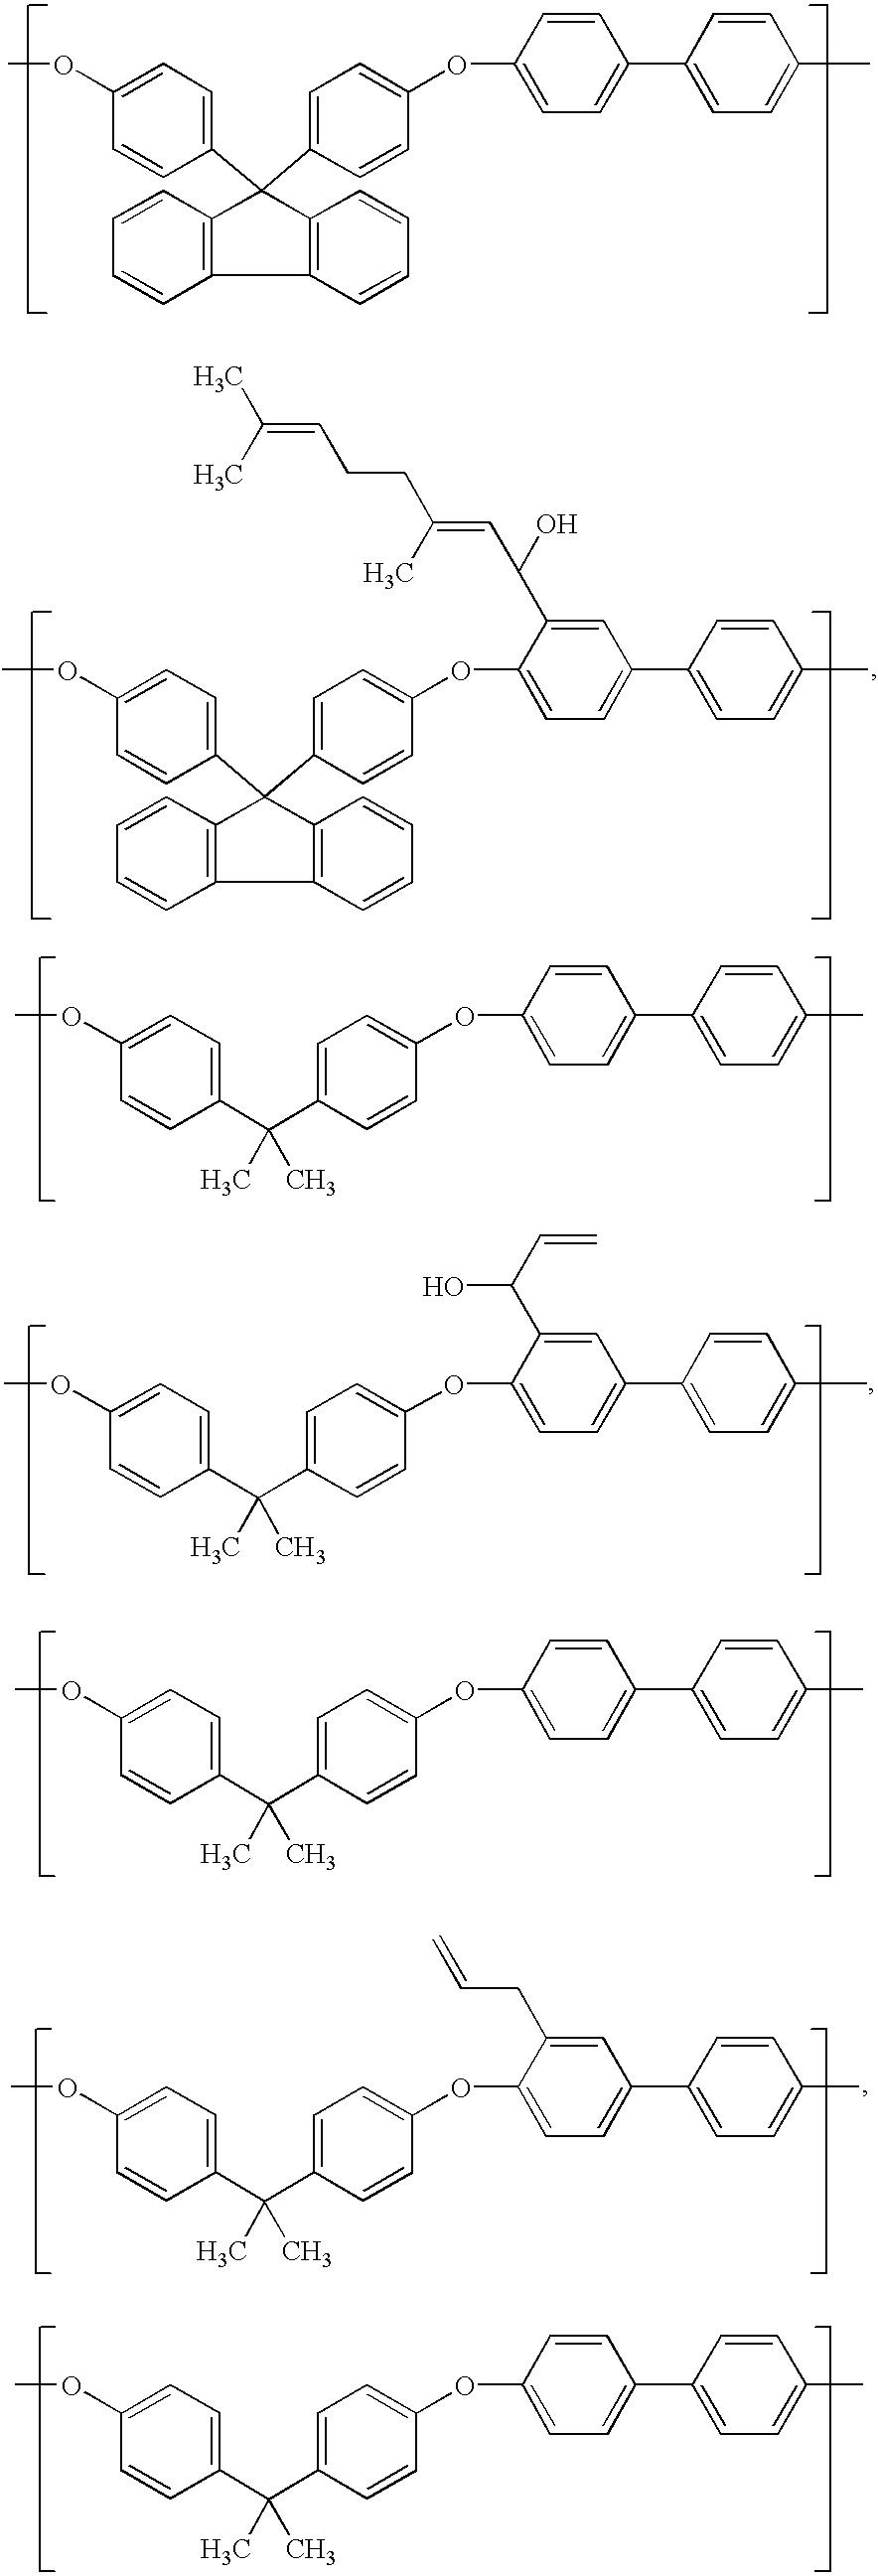 Figure US06716955-20040406-C00008